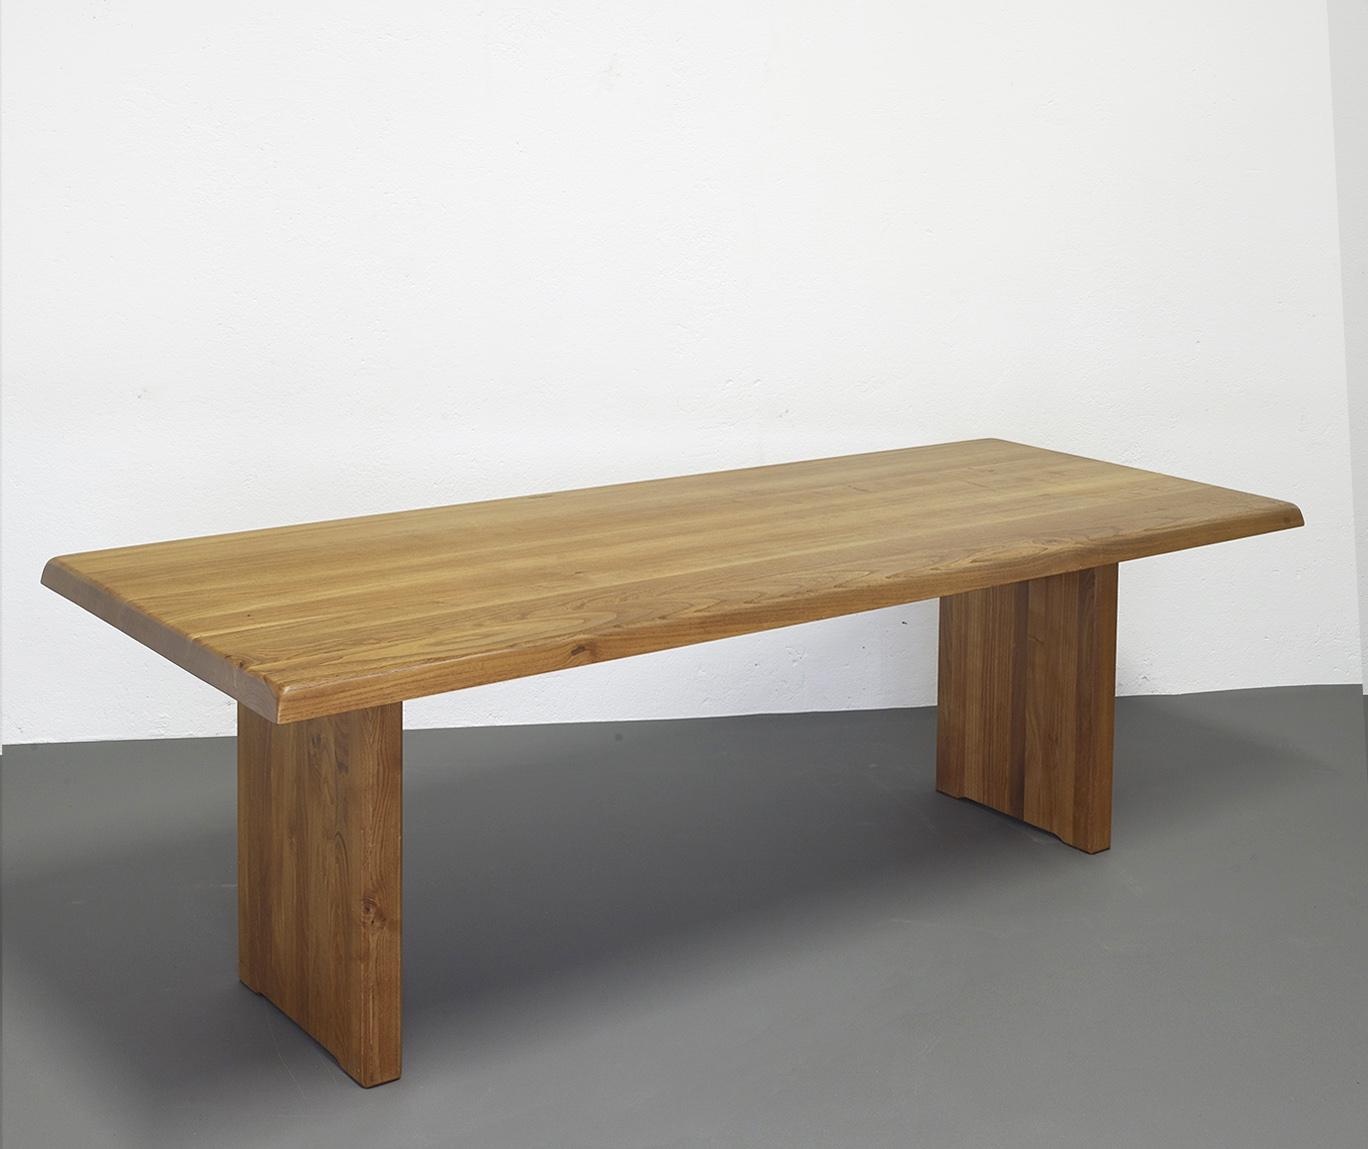 table-t14d-en-orme-de-pierre-chapo-ed-chapo-image-09